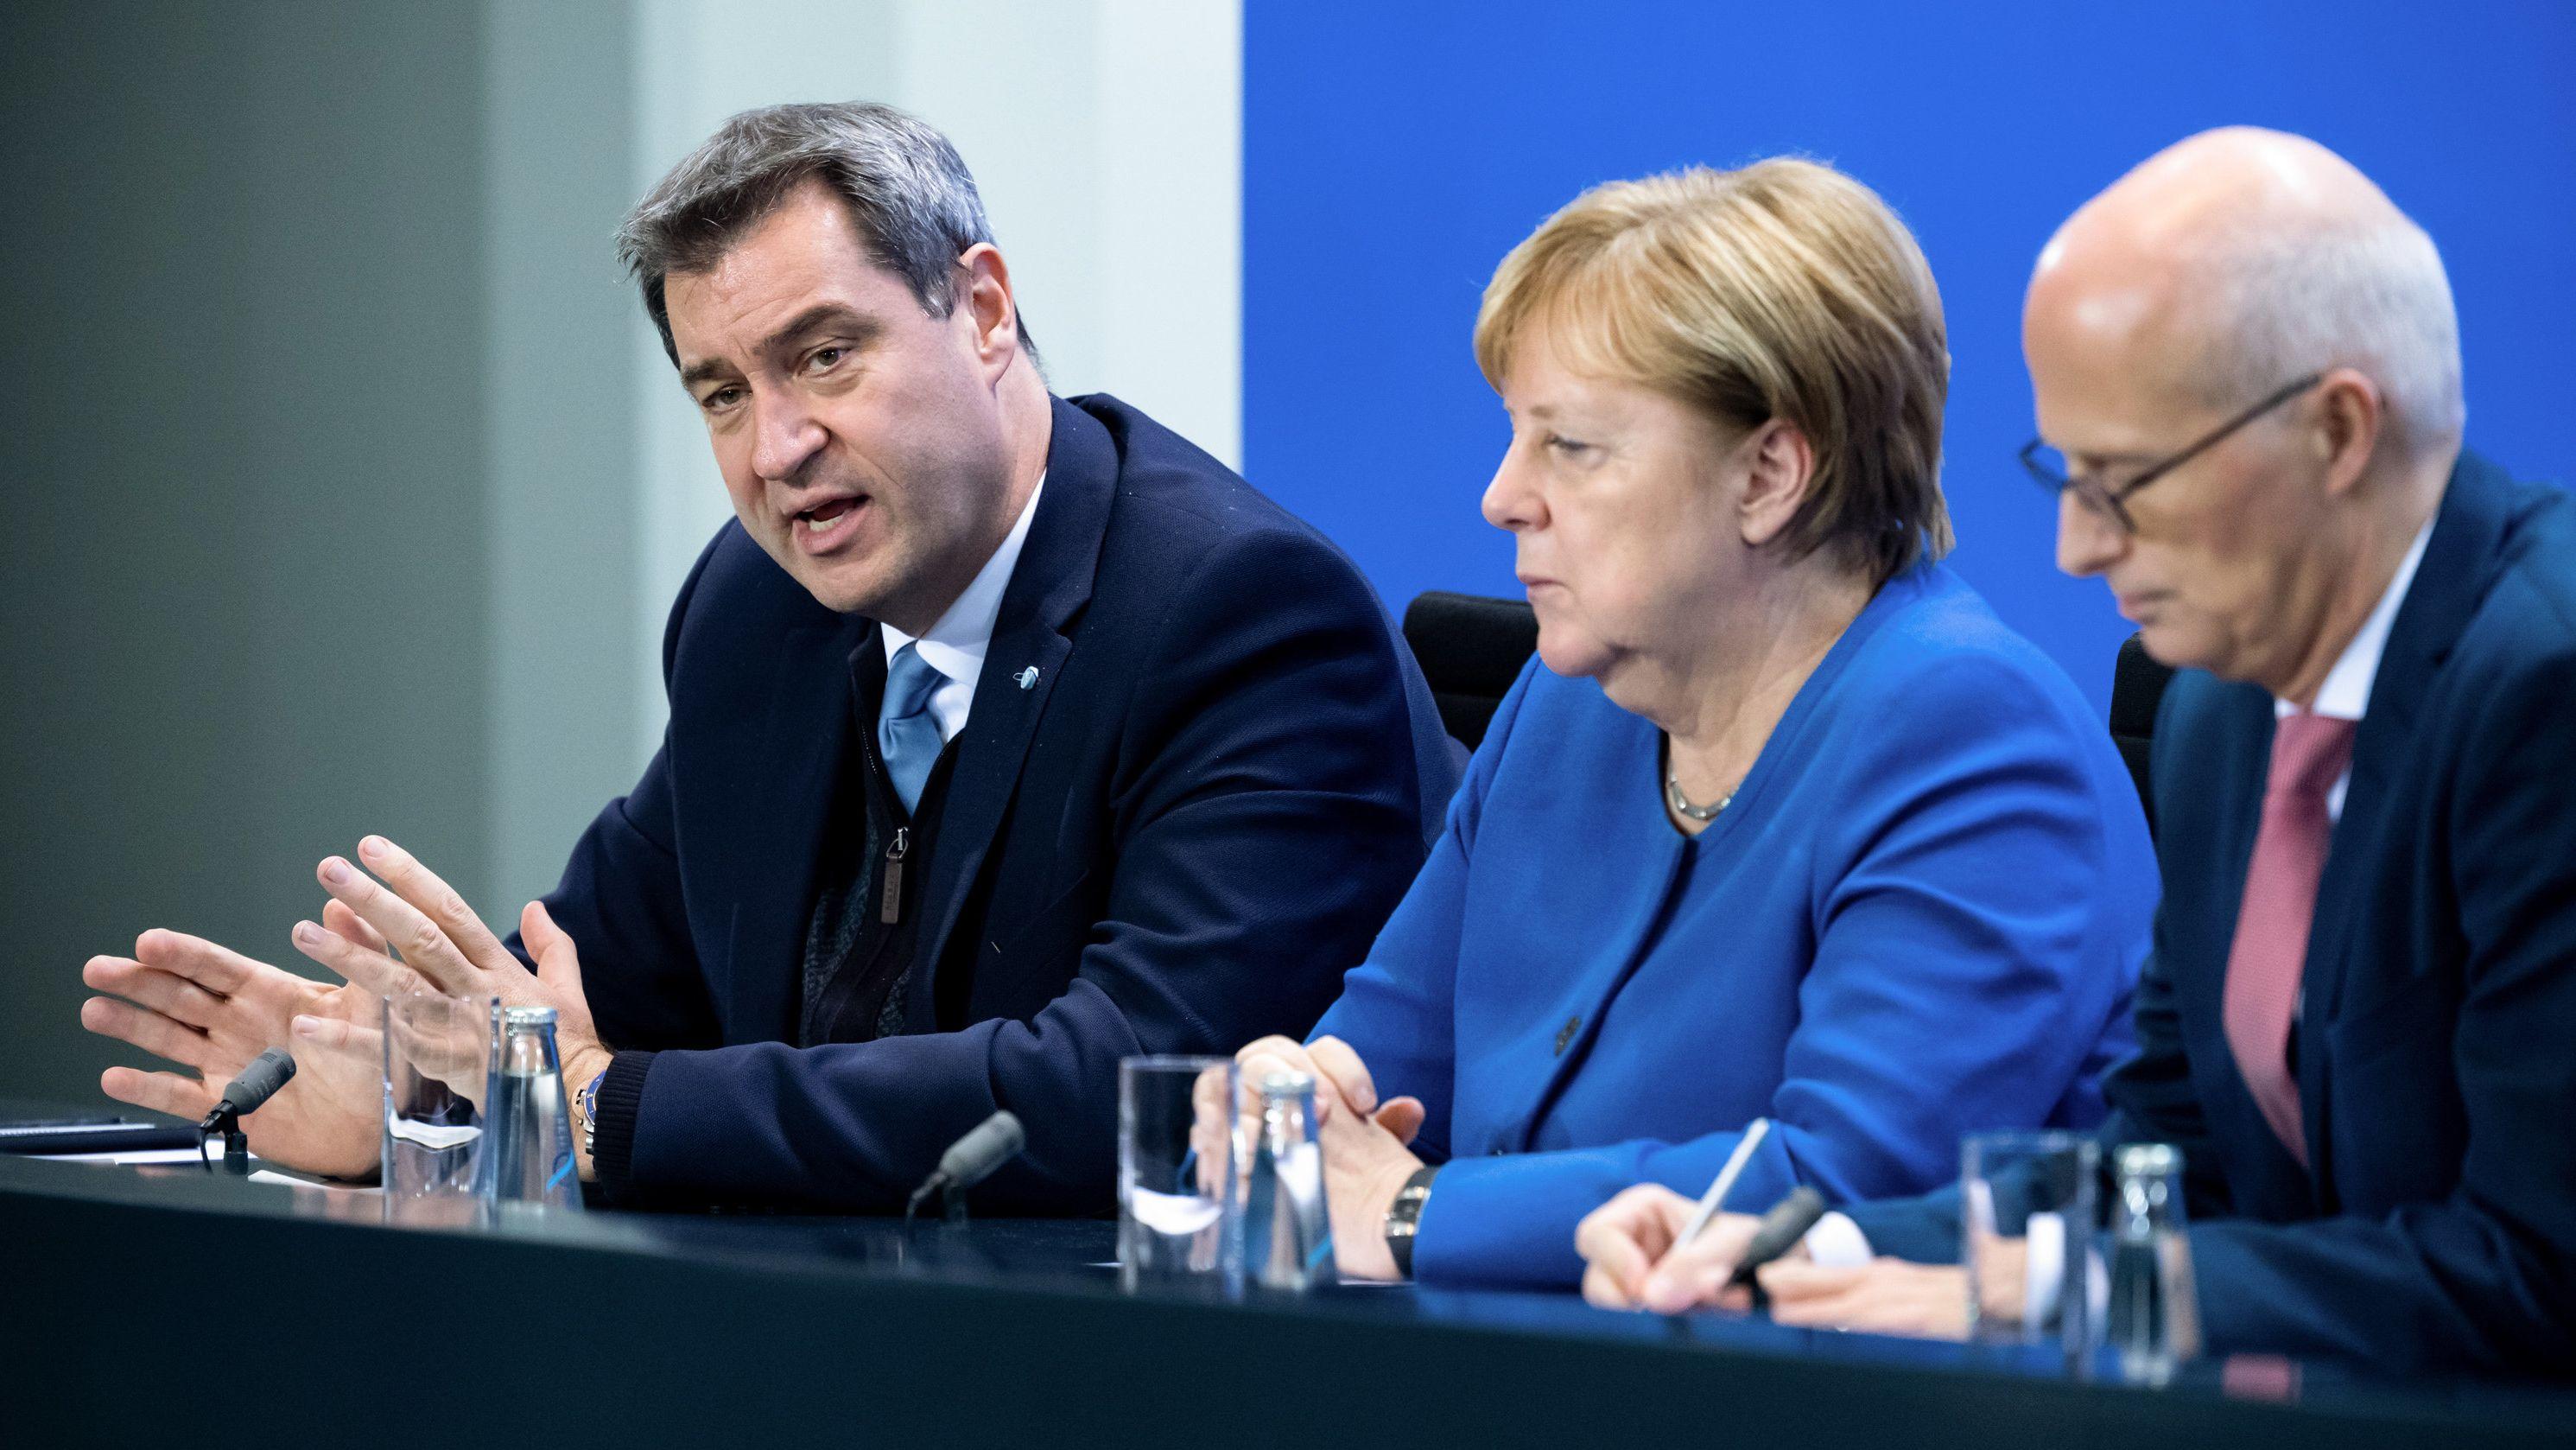 Bundeskanzlerin Angela Merkel (M, CDU), Markus Söder (l, CSU), Ministerpräsident von Bayern, und Peter Tschentscher (r, SPD), Erster Bürgermeister von Hamburg, äußern sich bei einer Pressekonferenz nach dem Treffen der Bundeskanzlerin und anderen Mitgliedern der Bundesregierung mit den Regierungschefinnen und Regierungschefs der Länder im Bundeskanzleramt.